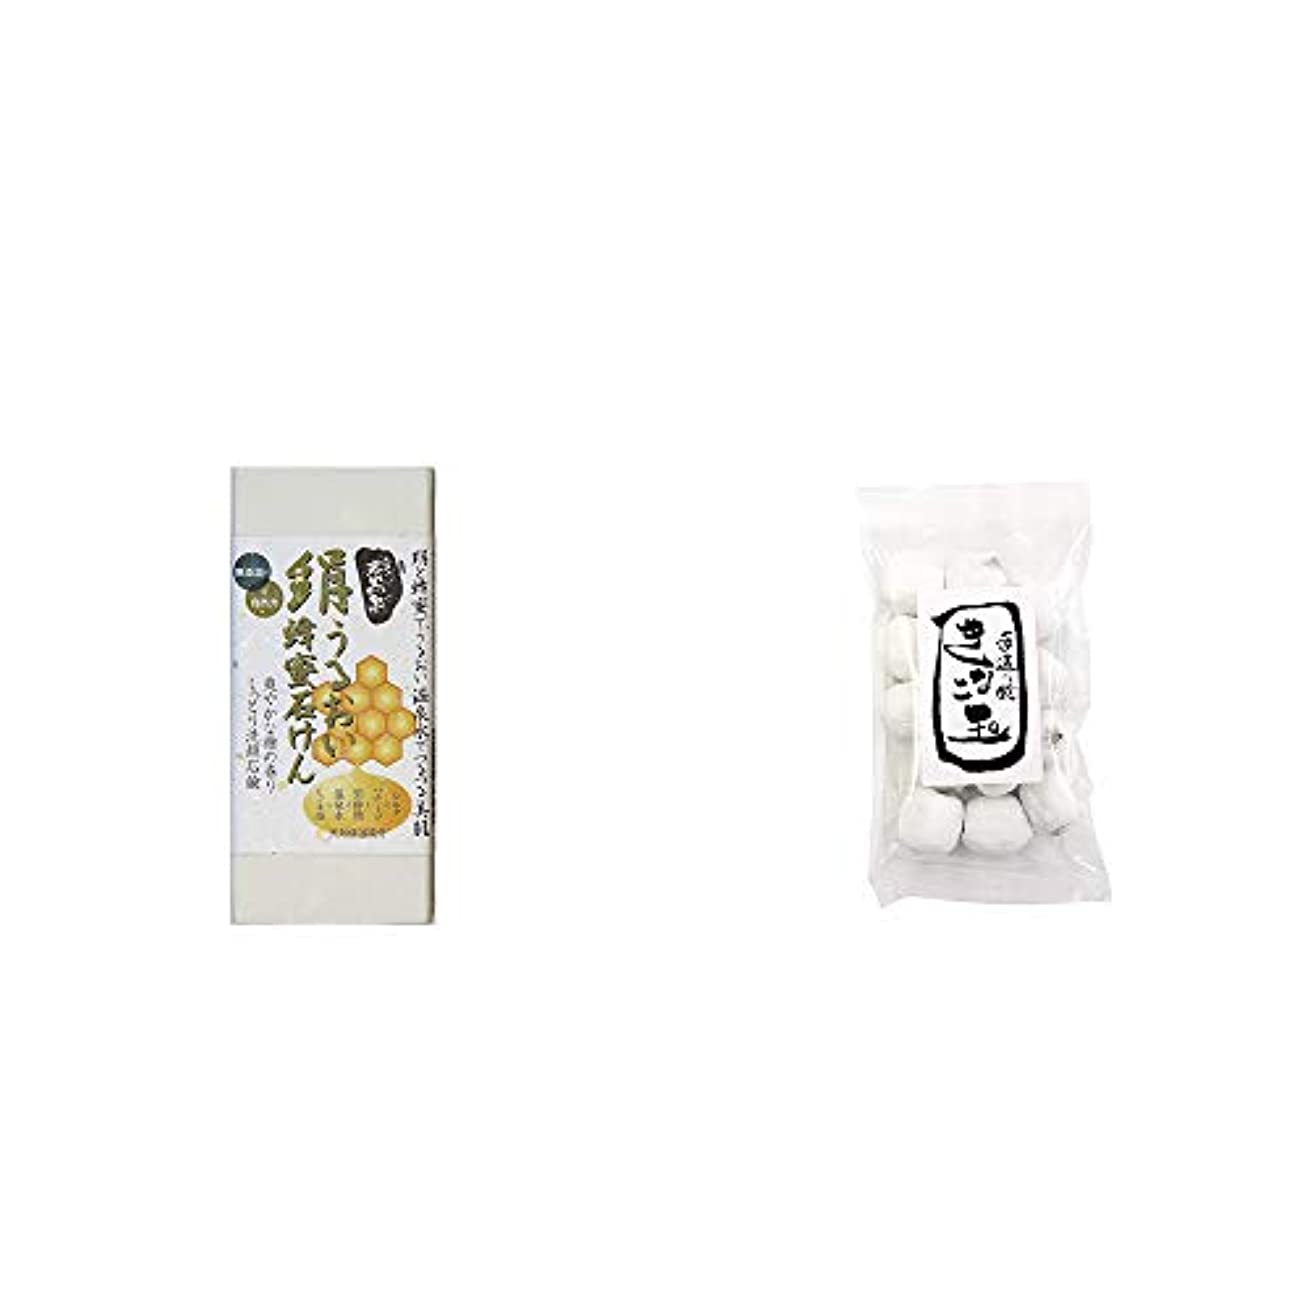 幹ゆるいおじさん[2点セット] ひのき炭黒泉 絹うるおい蜂蜜石けん(75g×2)?きなこ玉(160g)